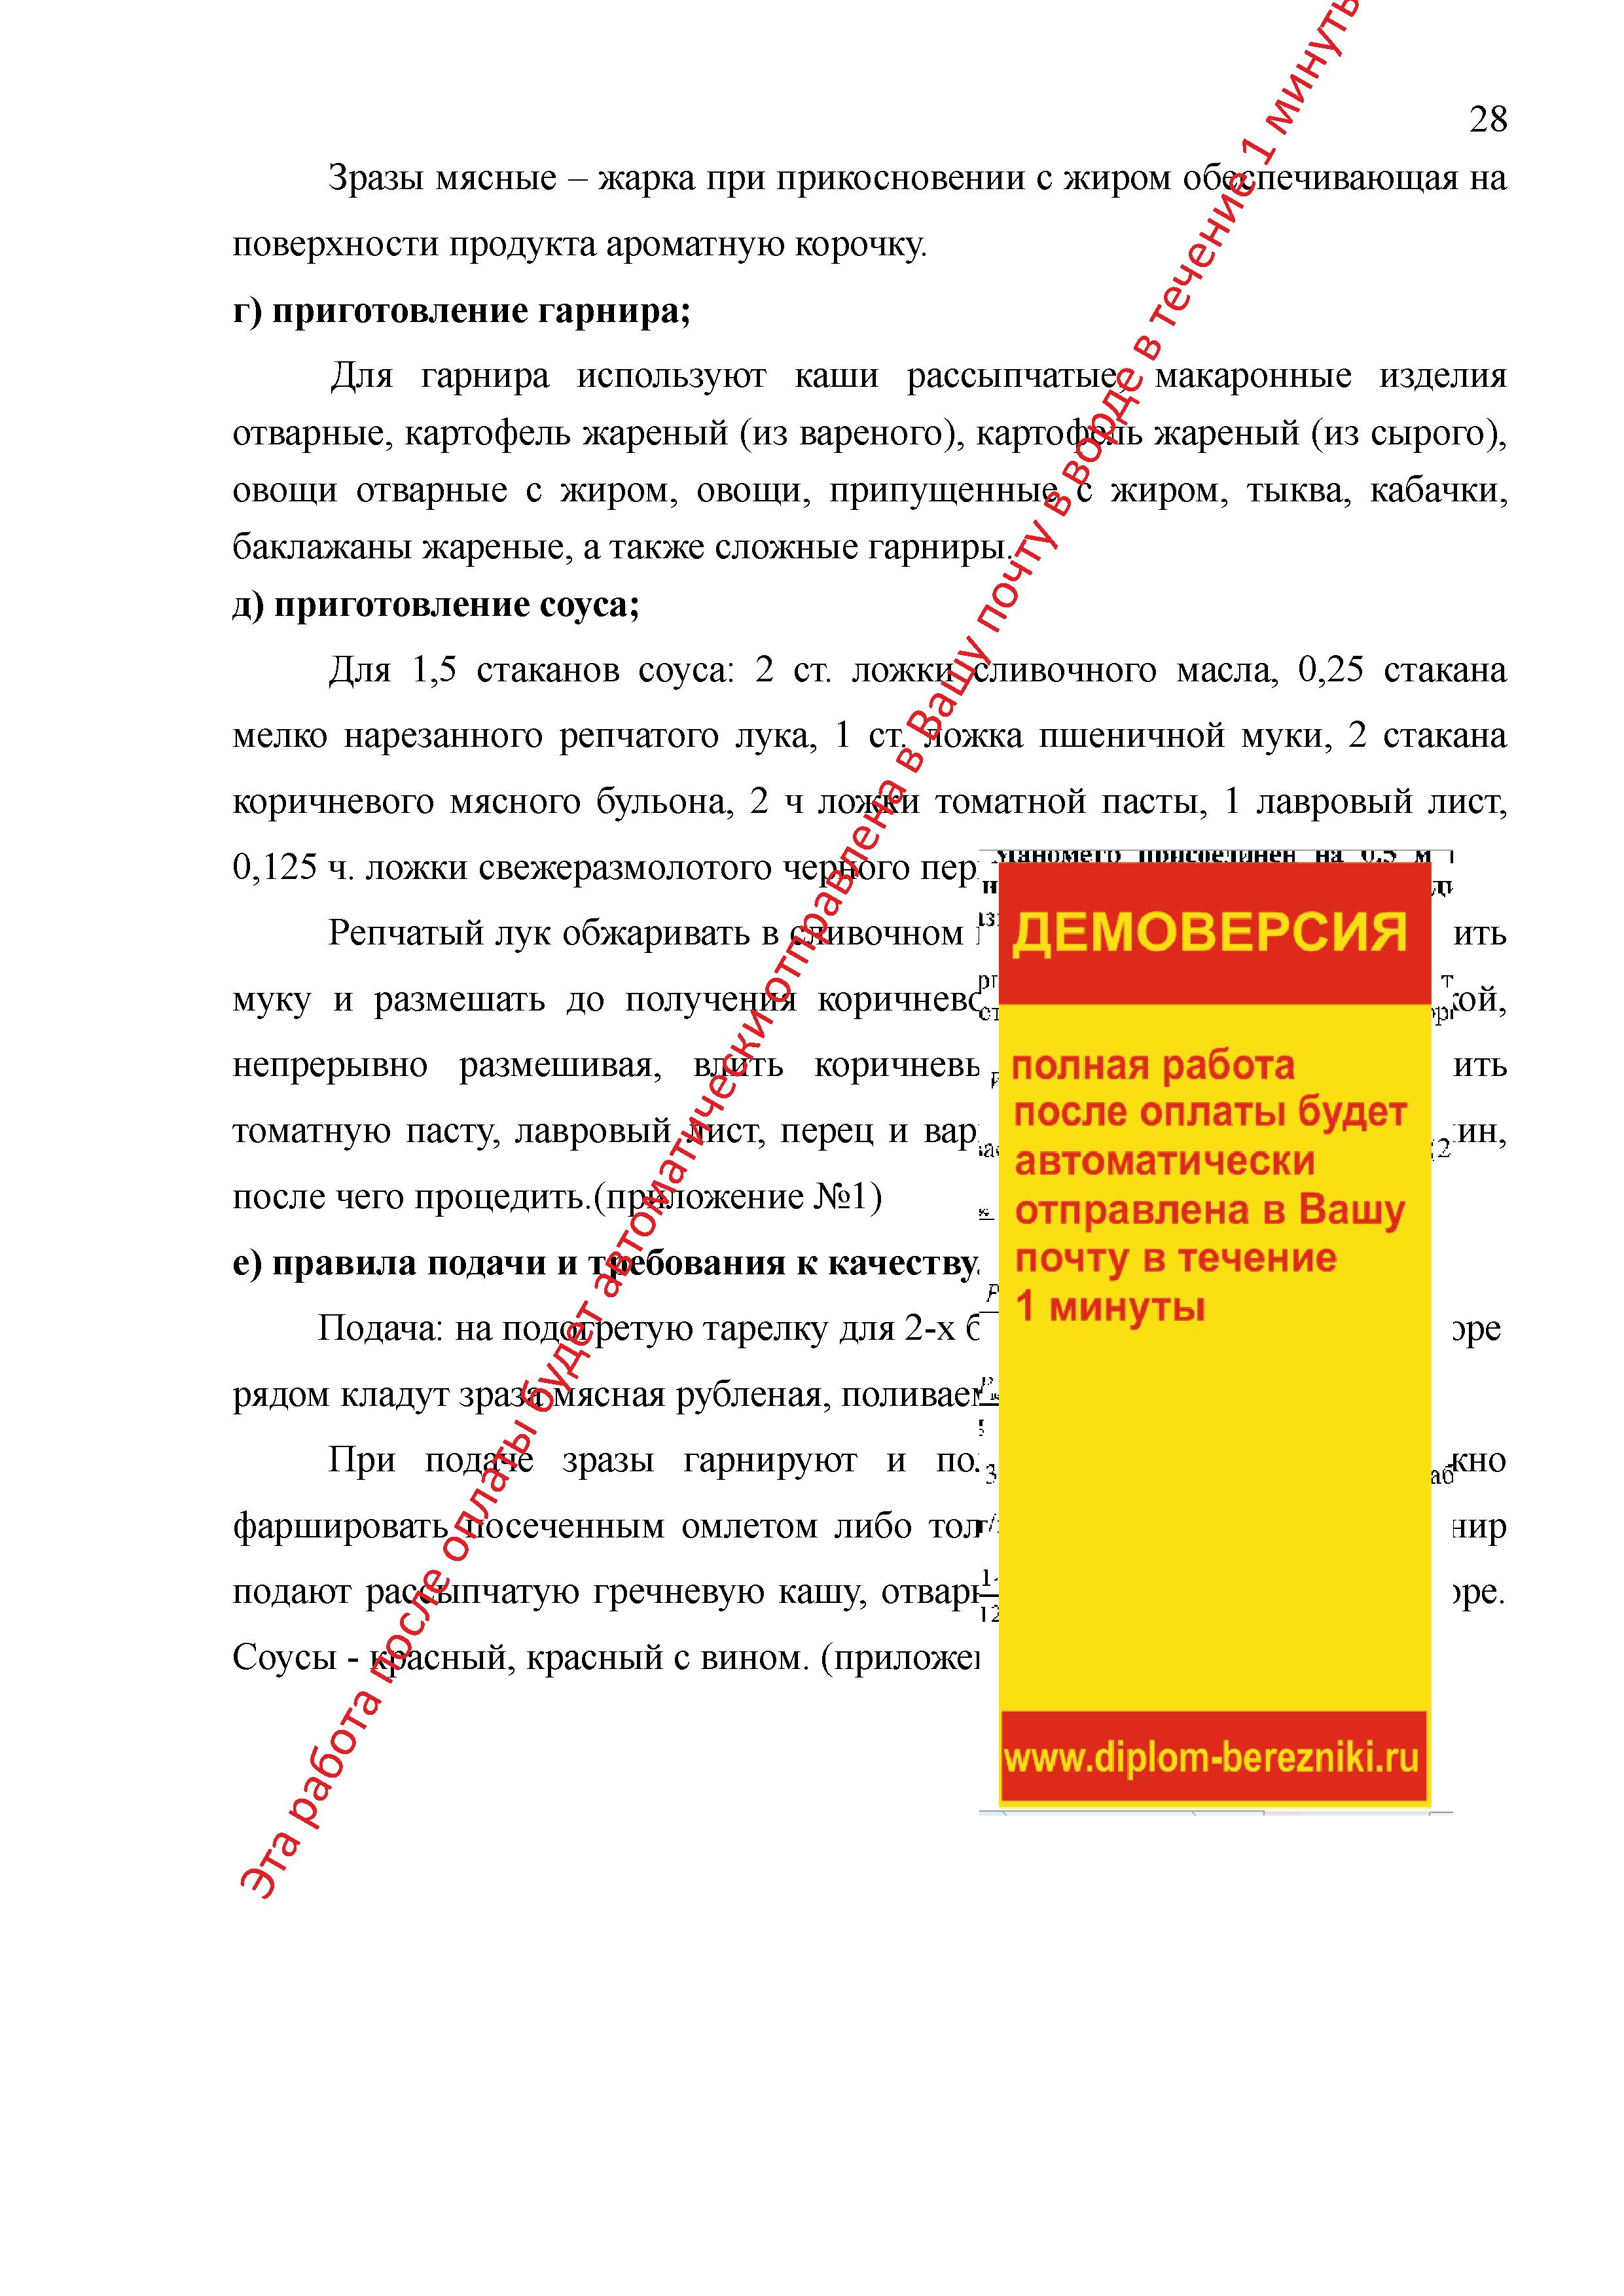 Где заказать дипломную работу отзывы Активатор Клева Сайт   где заказать дипломную работу отзывы